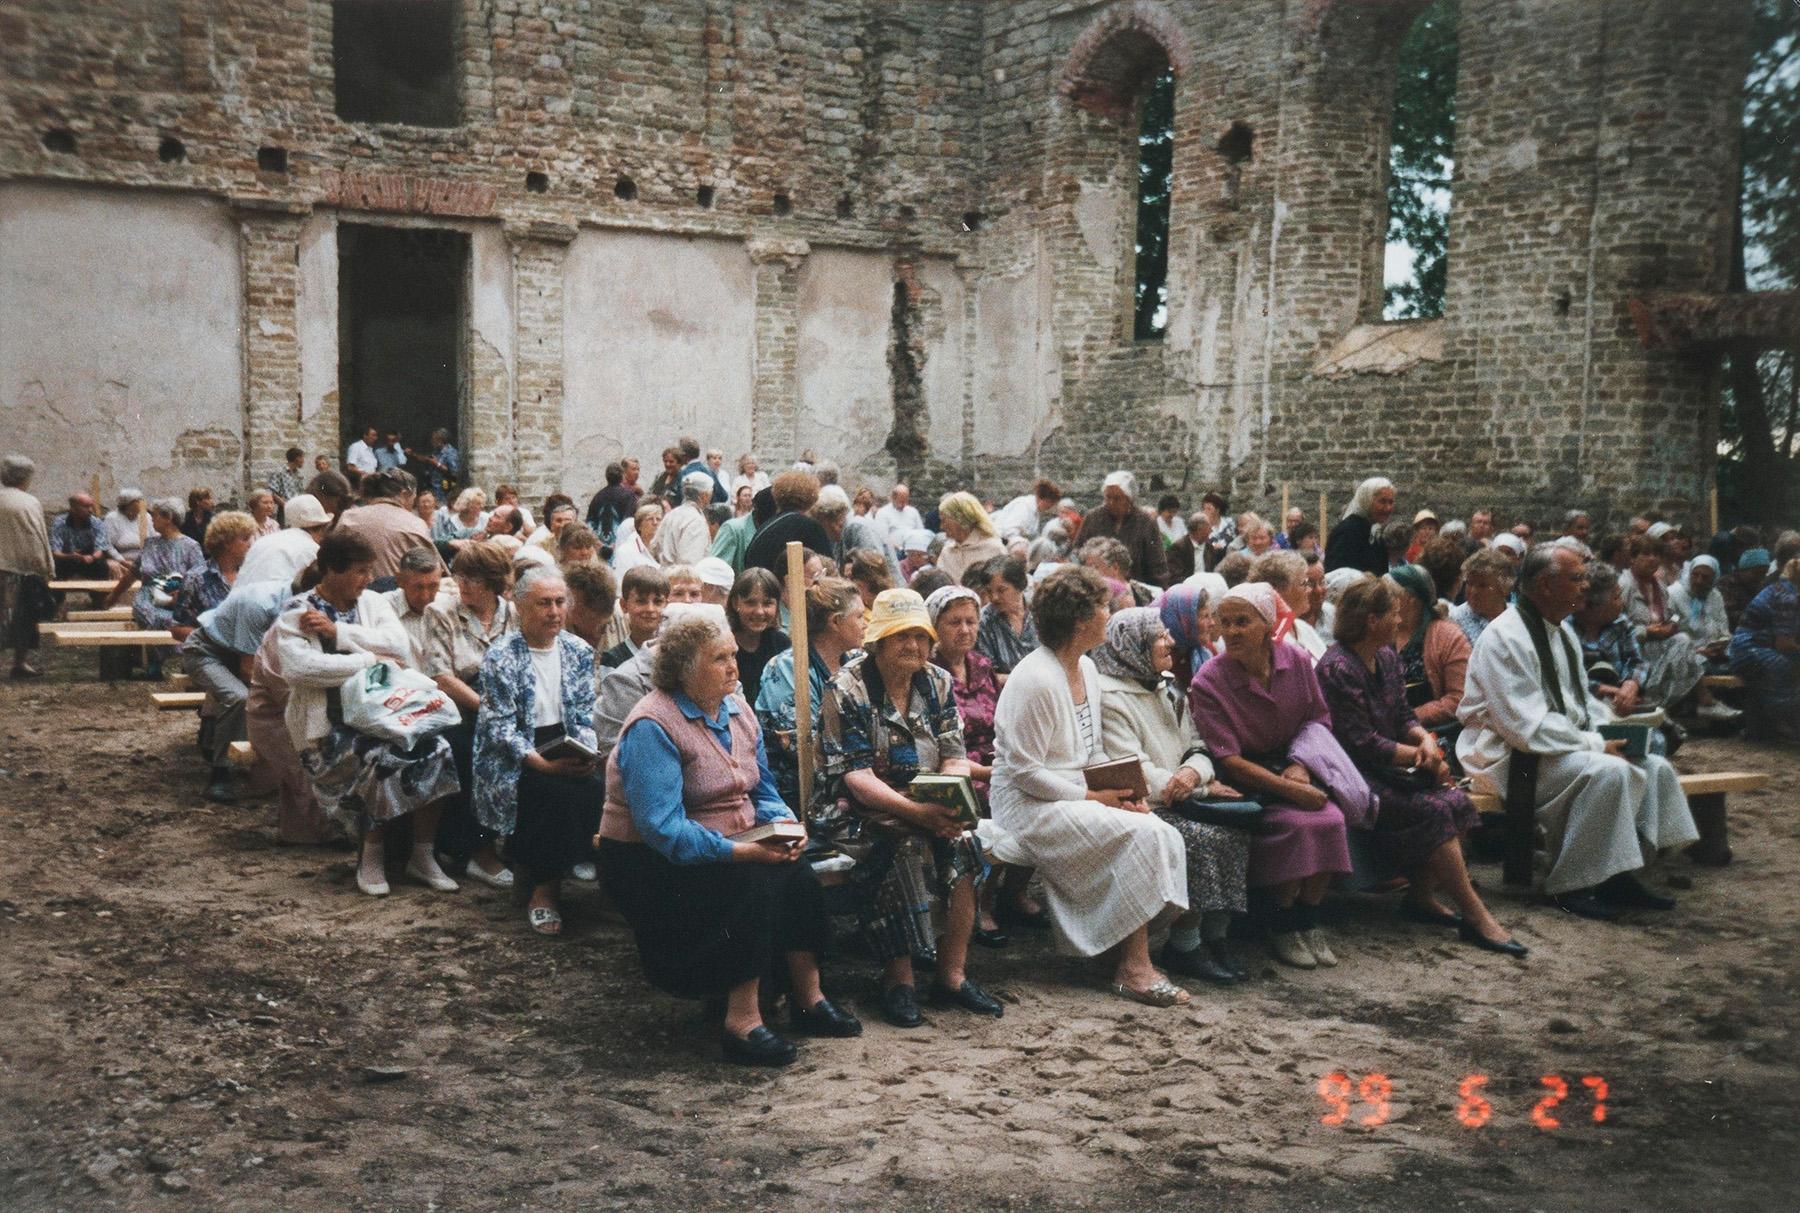 Jumalanpalvelus Skuoritsan rauniokirkossa juhannuspäivänä 27.6.1999. Kirkkoa kunnostettiin vuosien 1998–2004 aikana. SKS KIA, Albert Kirjasen arkisto. CC BY 4.0